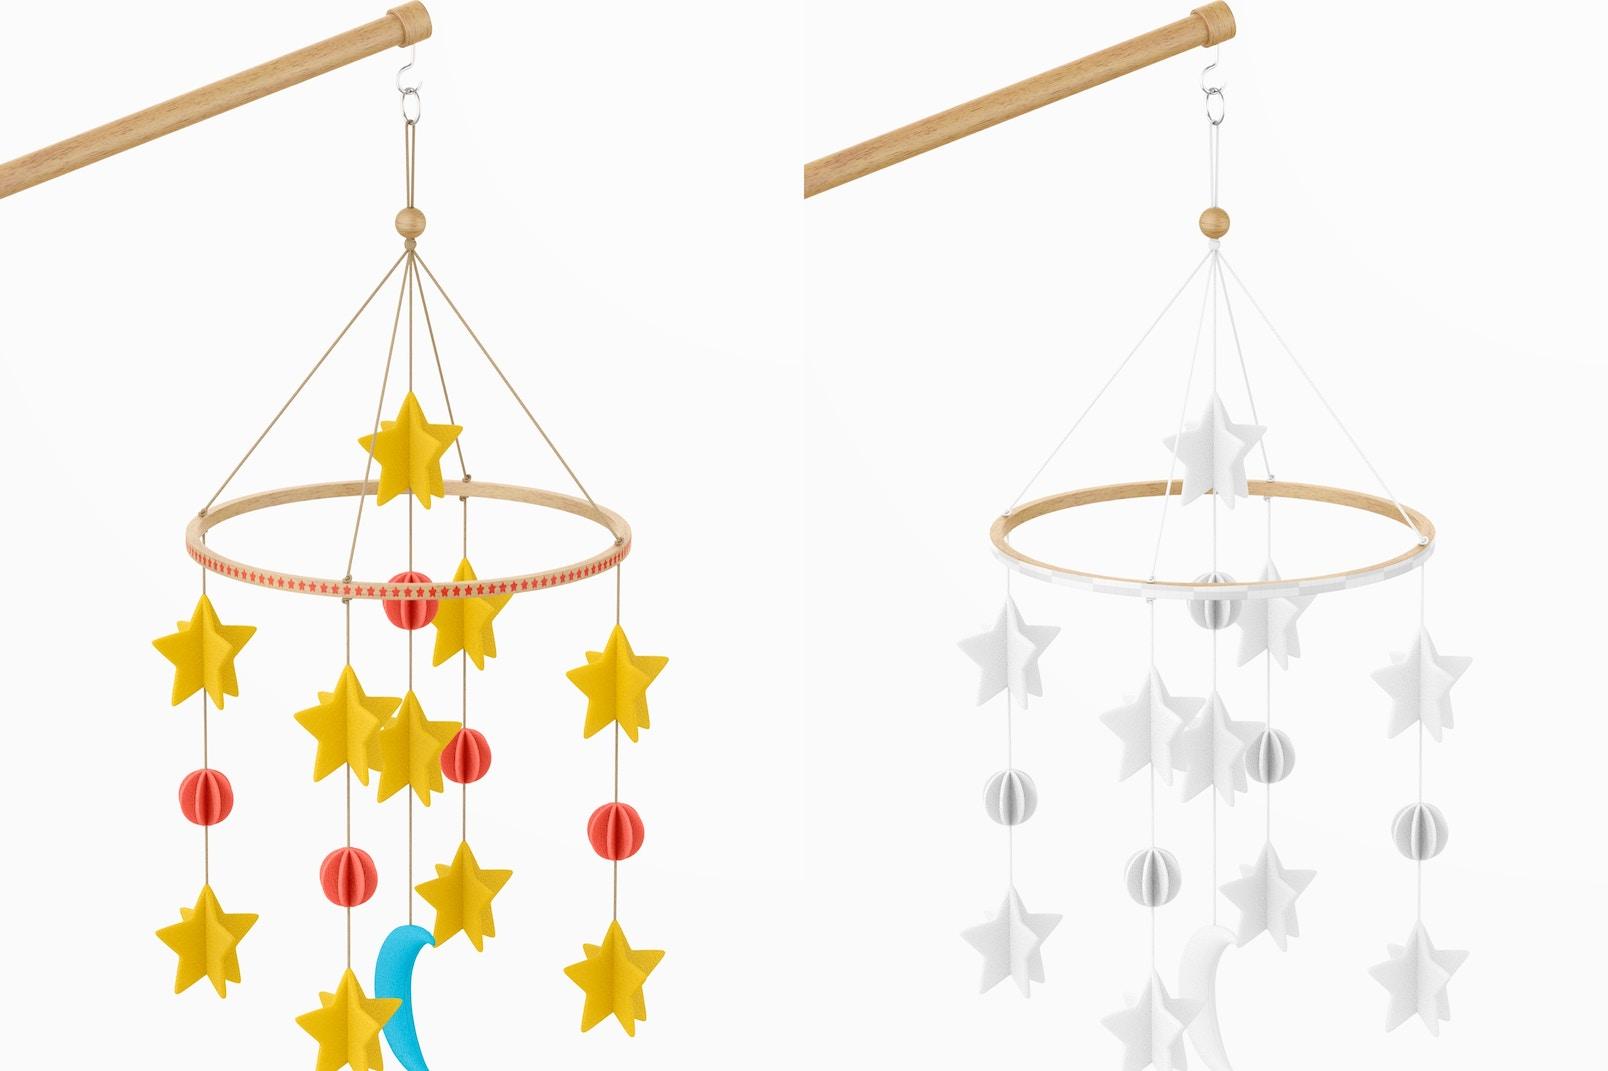 Baby Crib Mobile Mockup, Hanging